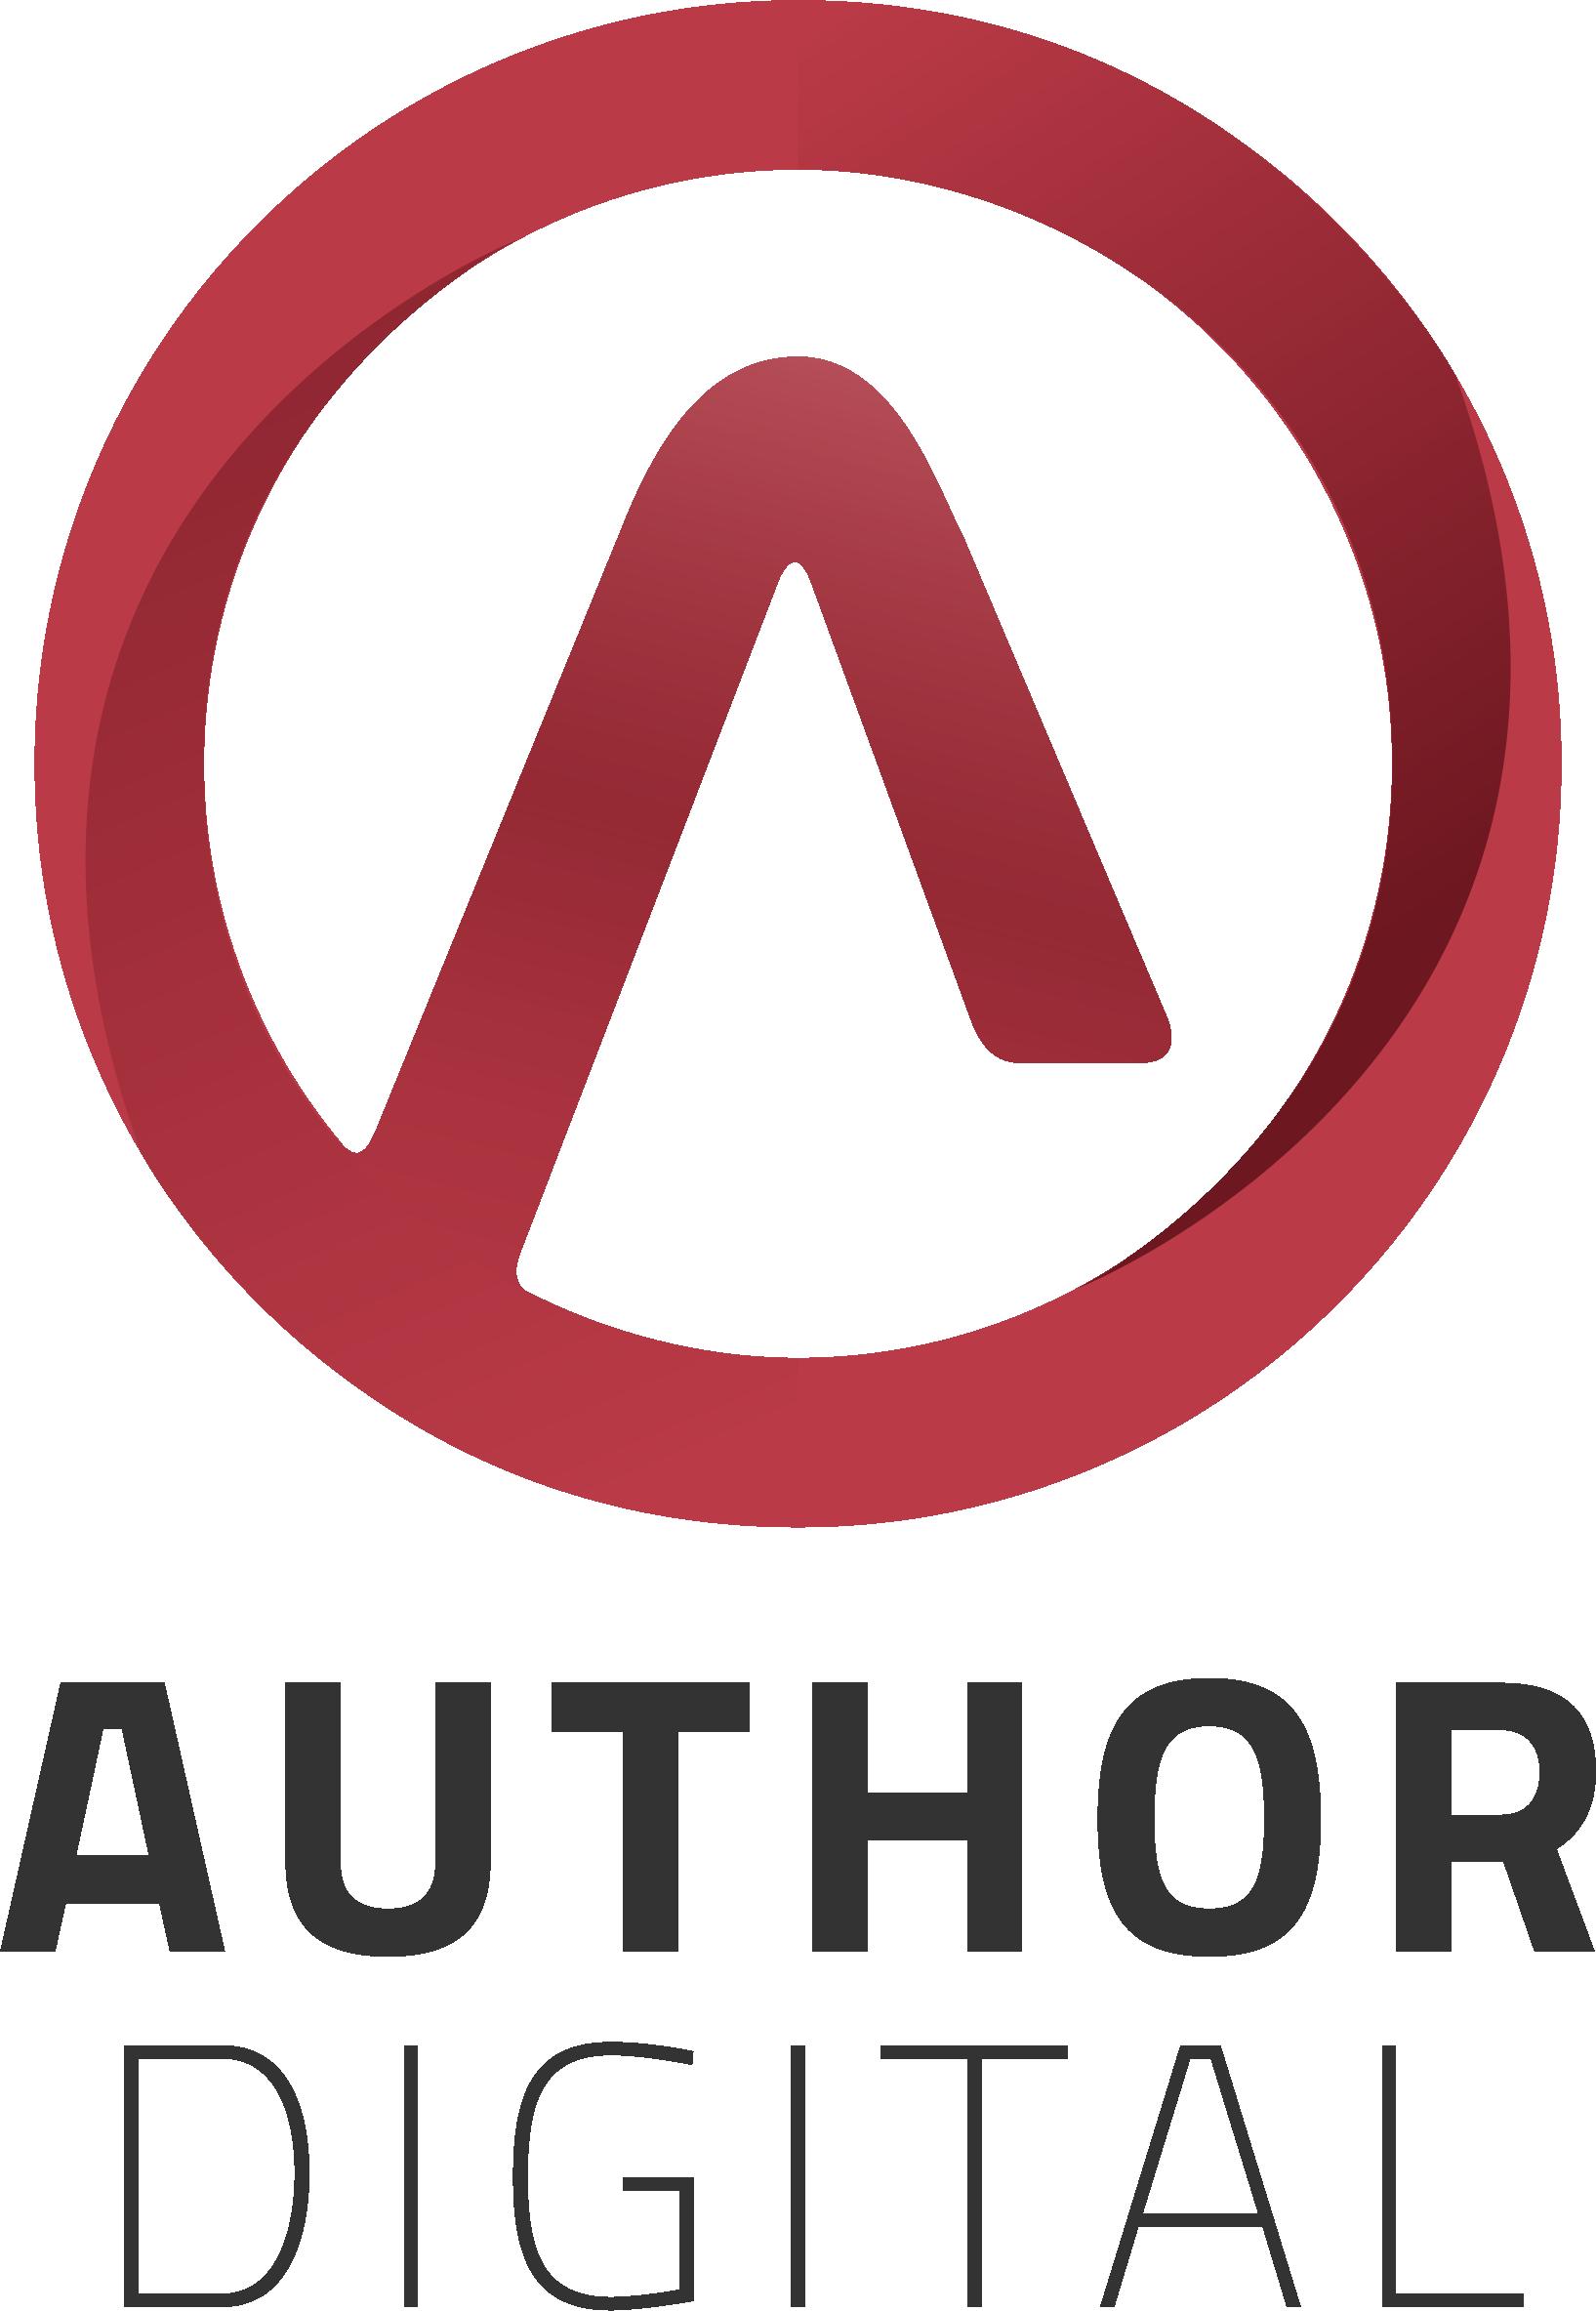 AuthorDigital